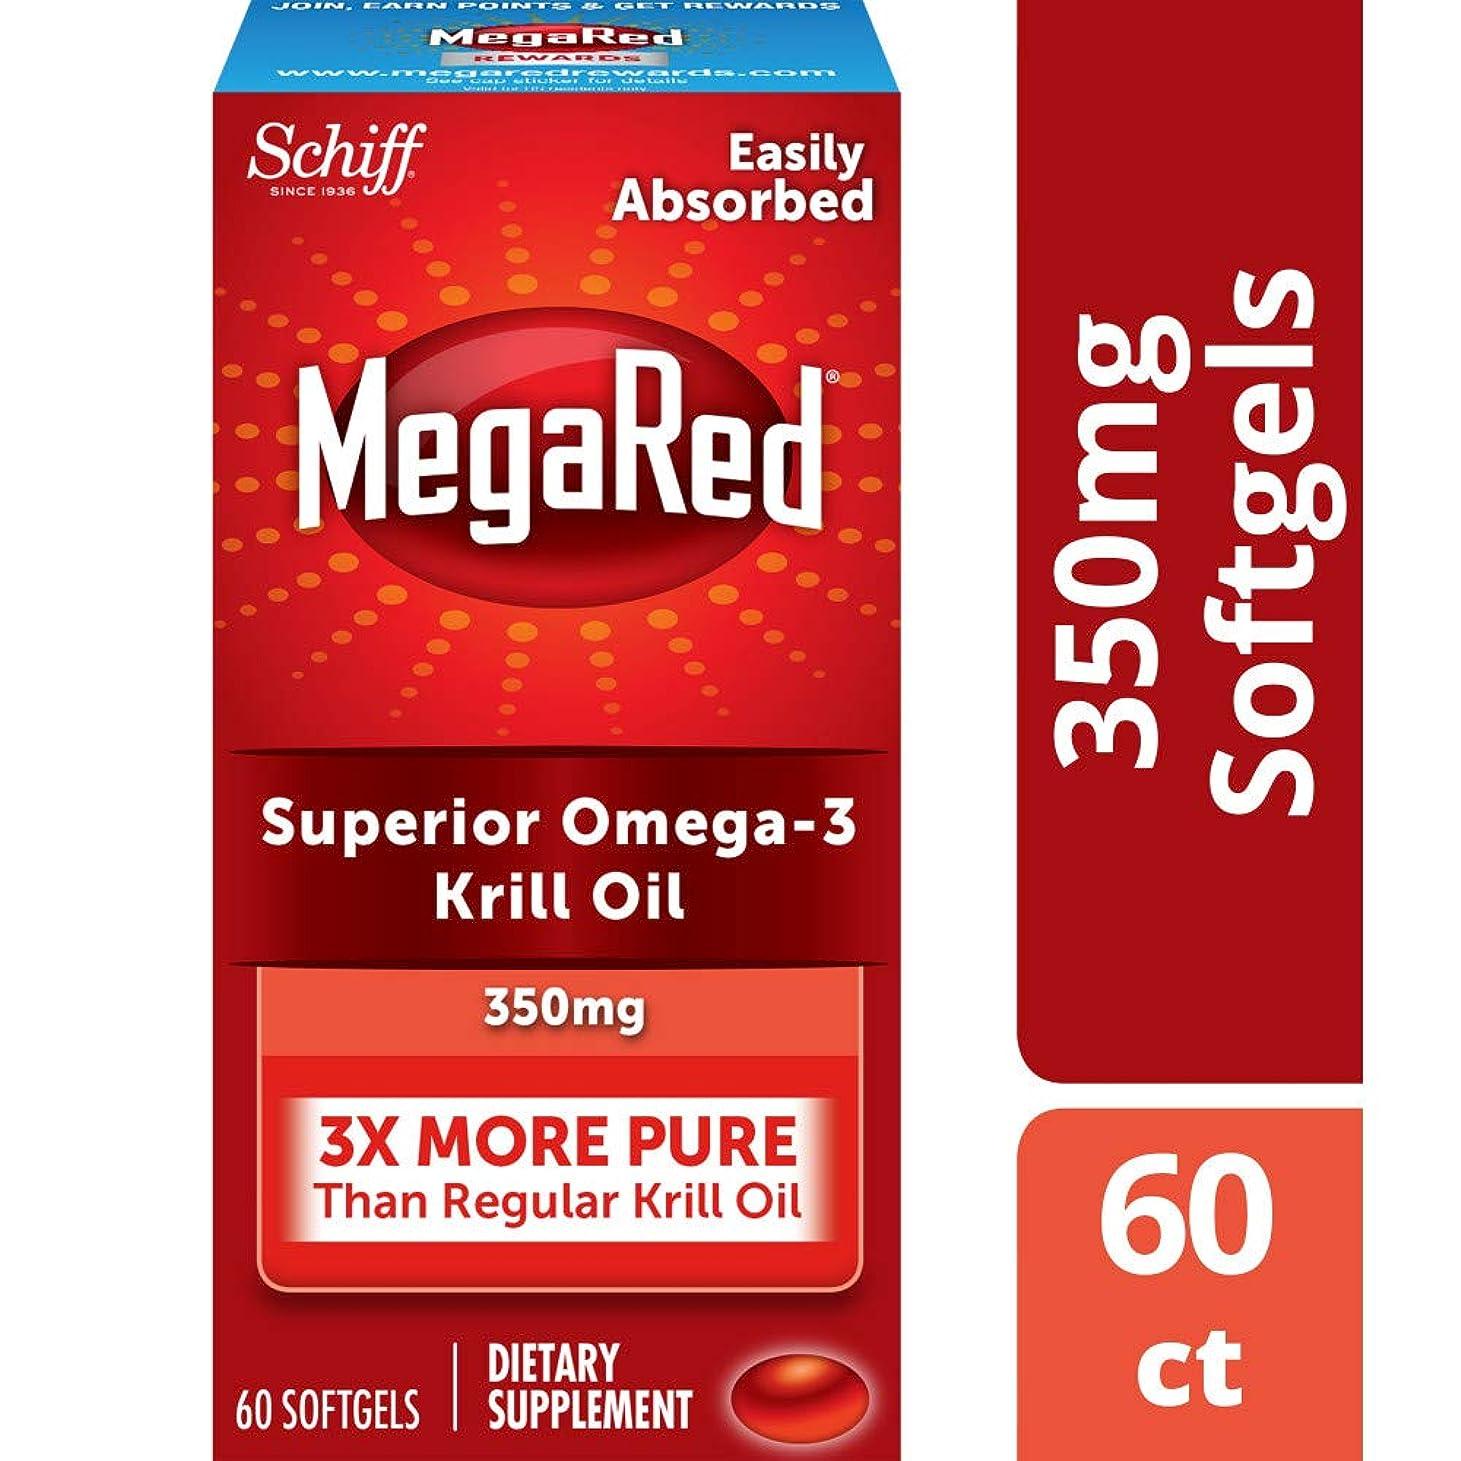 騒統合するアンドリューハリディ海外直送肘 Schiff Megared Omega-3 Krill Oil, 300 mg, 60 sgels